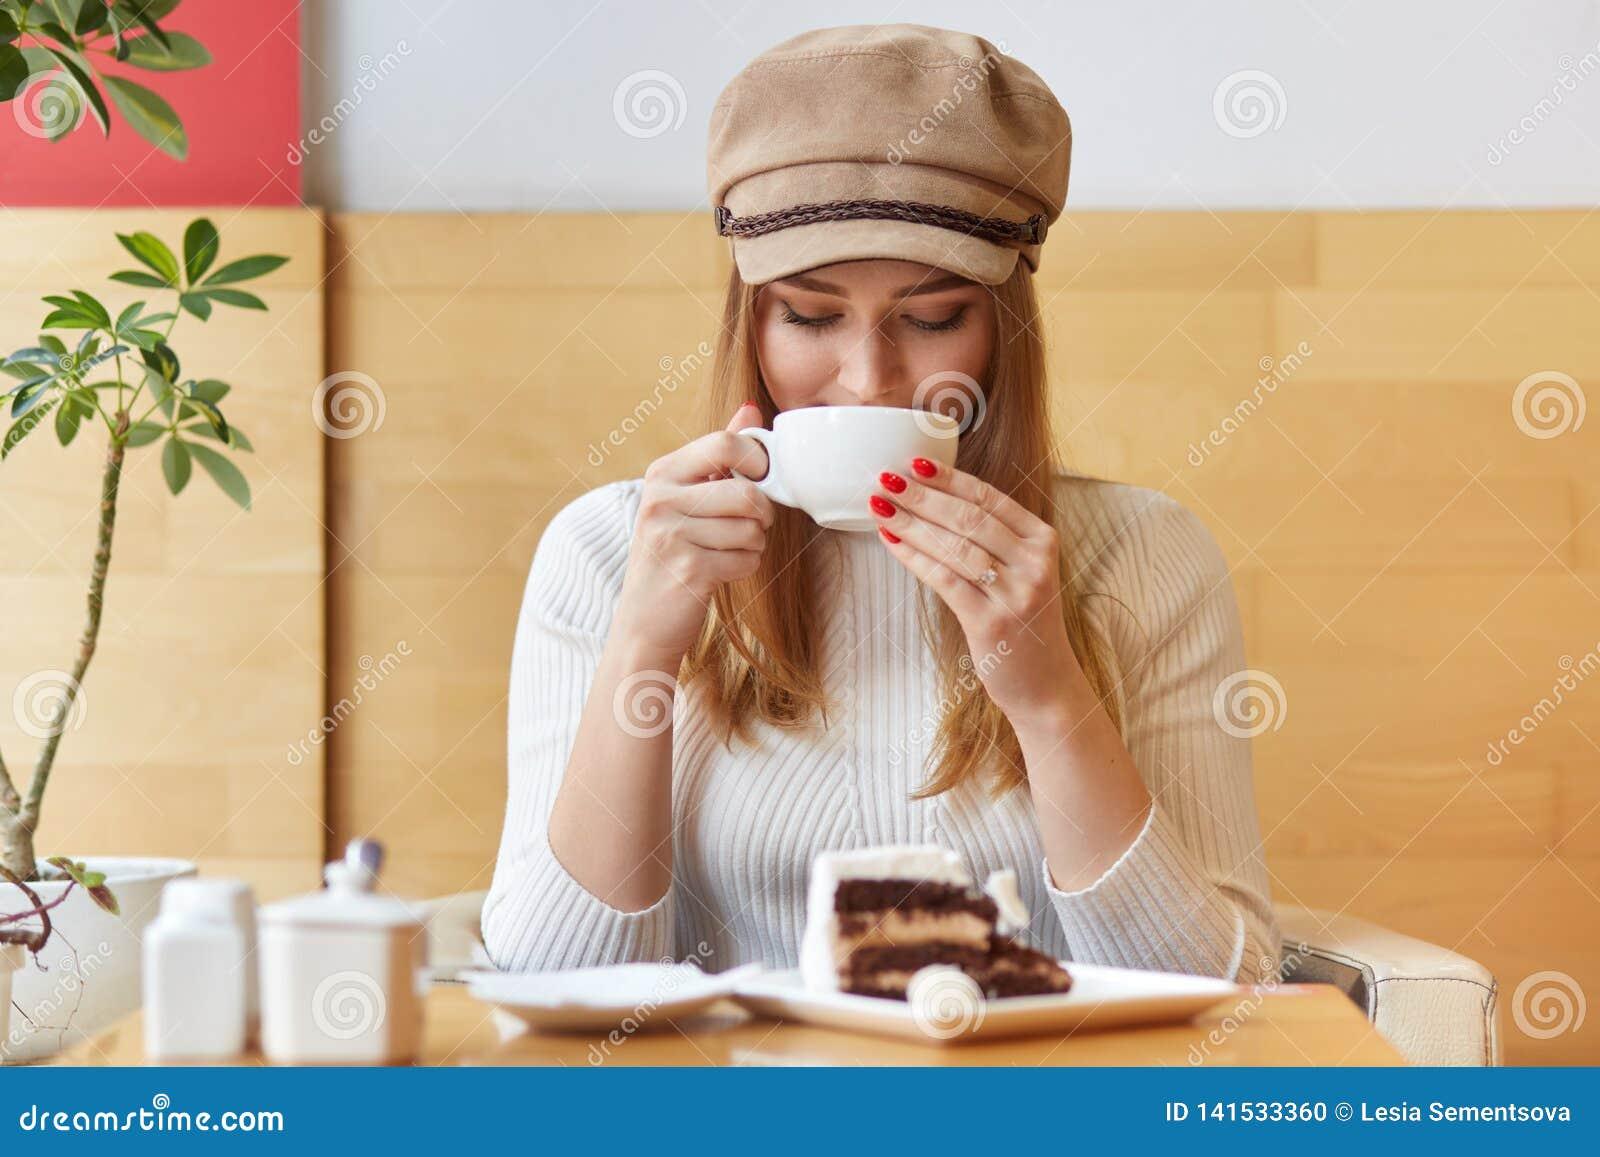 Modny młody piękny żeński projektant przerwę po pracy, odwiedza lokalnego bufet, pije gorącego napój, trzyma białego kubek,